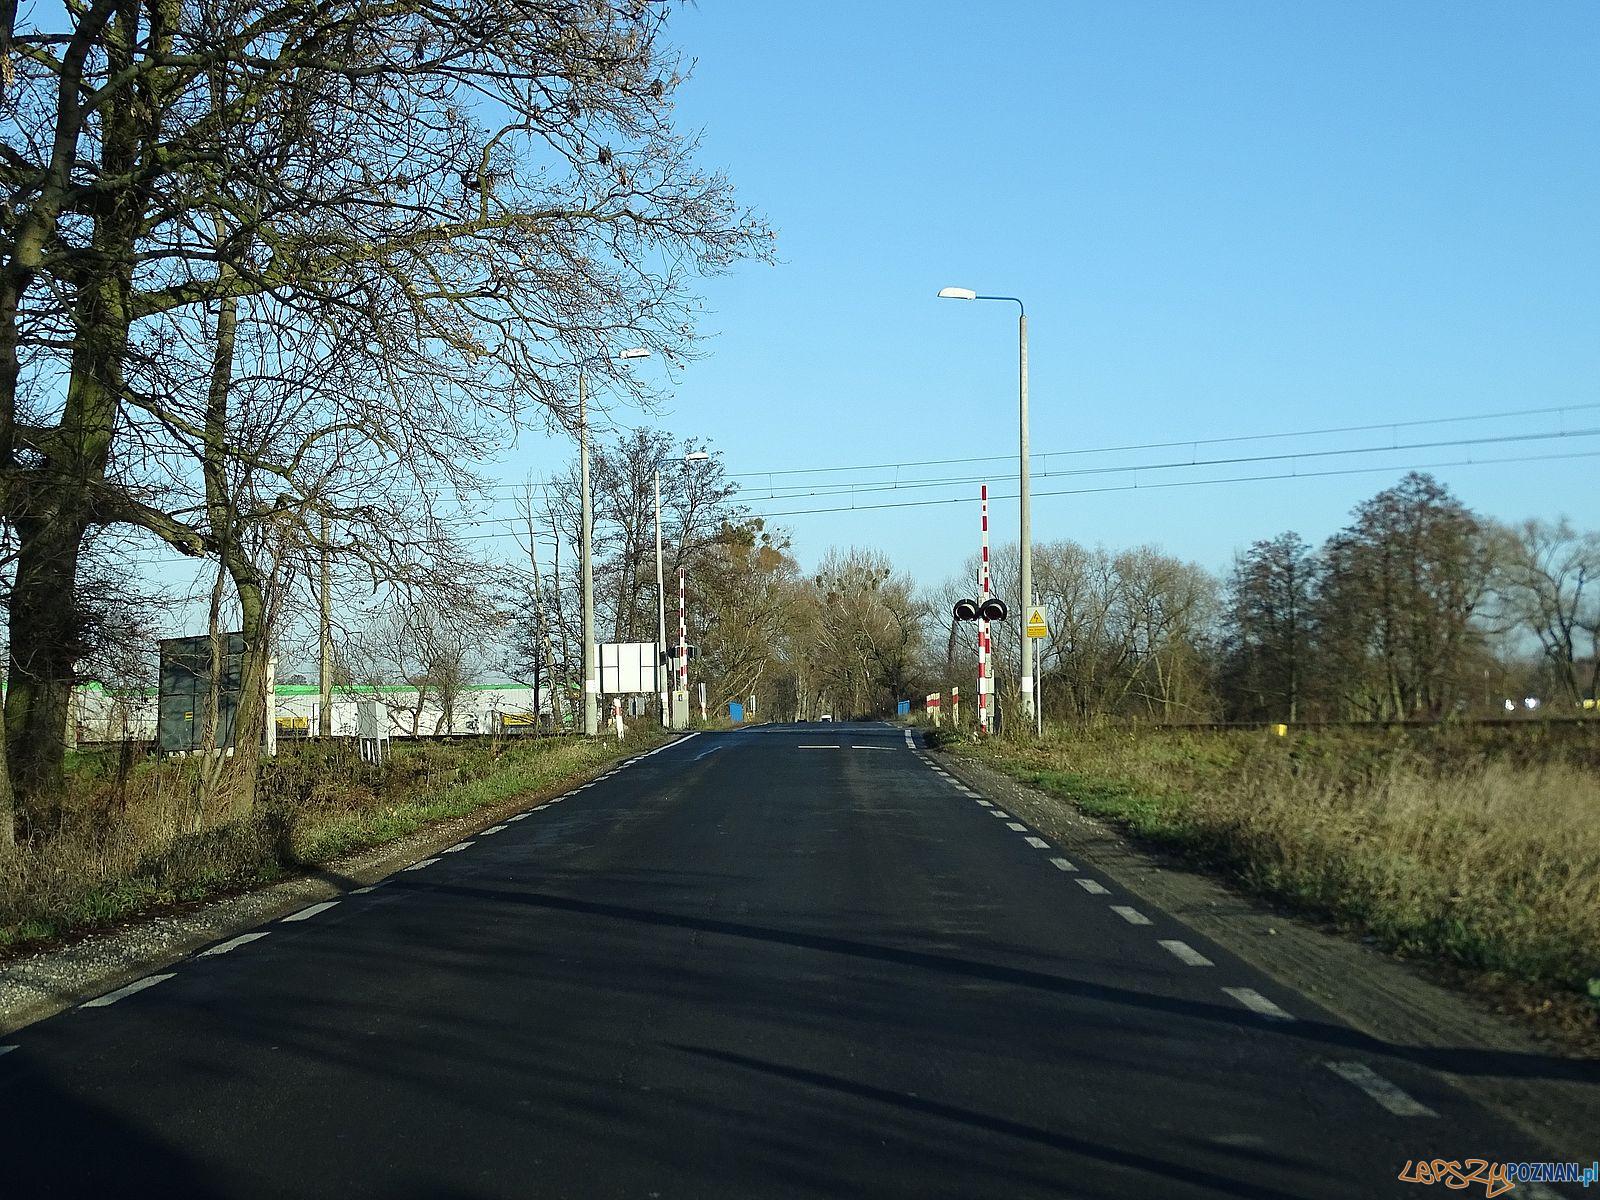 Koninko - tu będzie nowa droga  Foto: Powiat Poznański - materiały prasowe